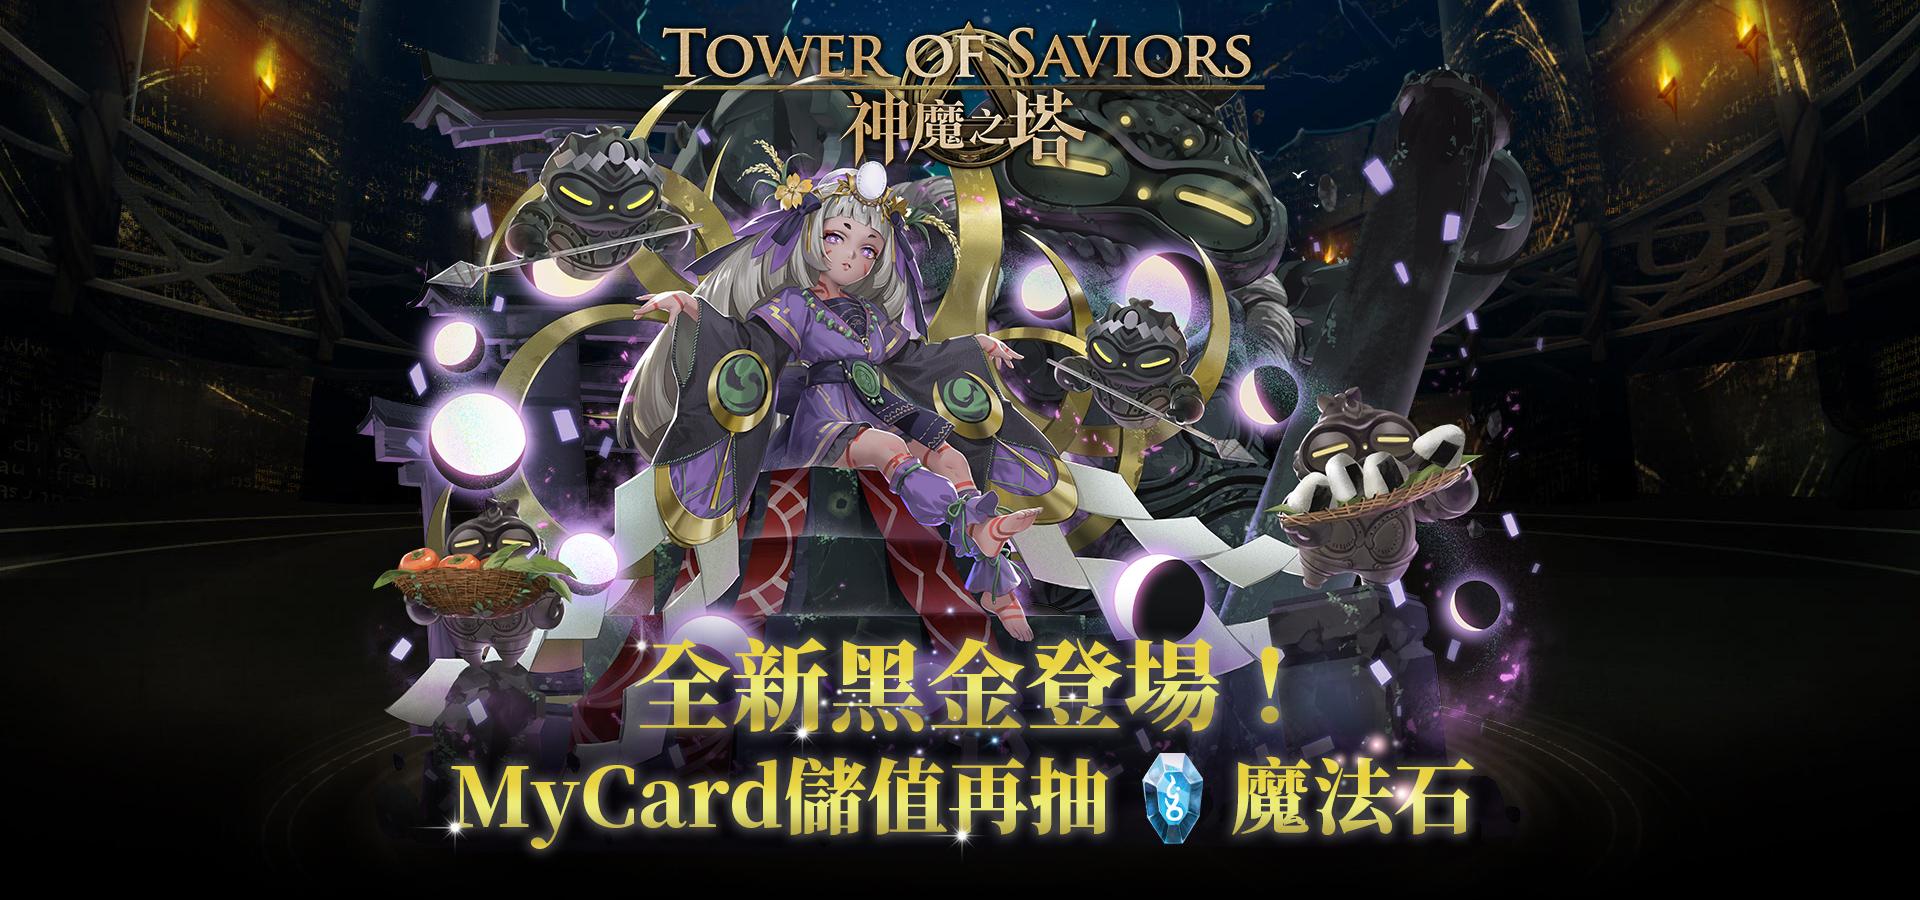 《神魔之塔》全新黑金登場! MyCard儲值再抽魔法石  │中華